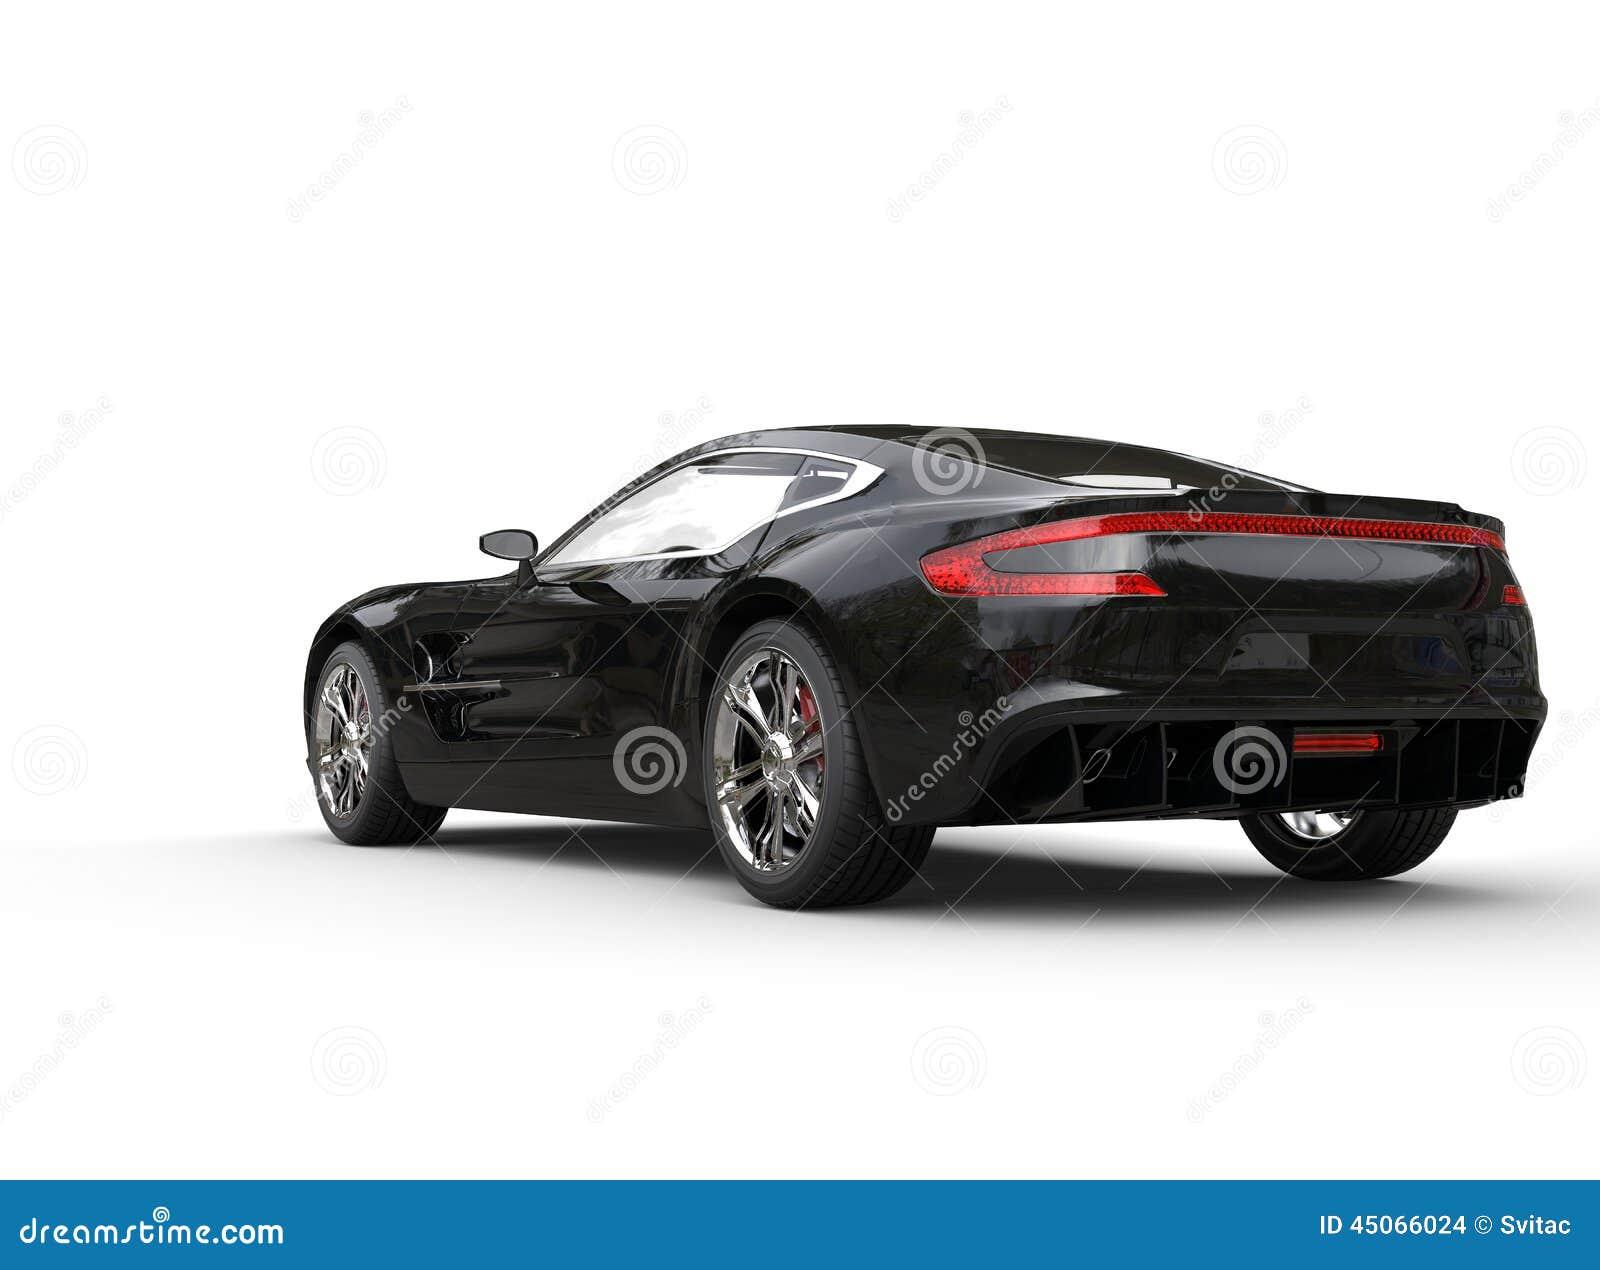 Black Luxury Vehicles: Black Luxury Sports Car On White Background